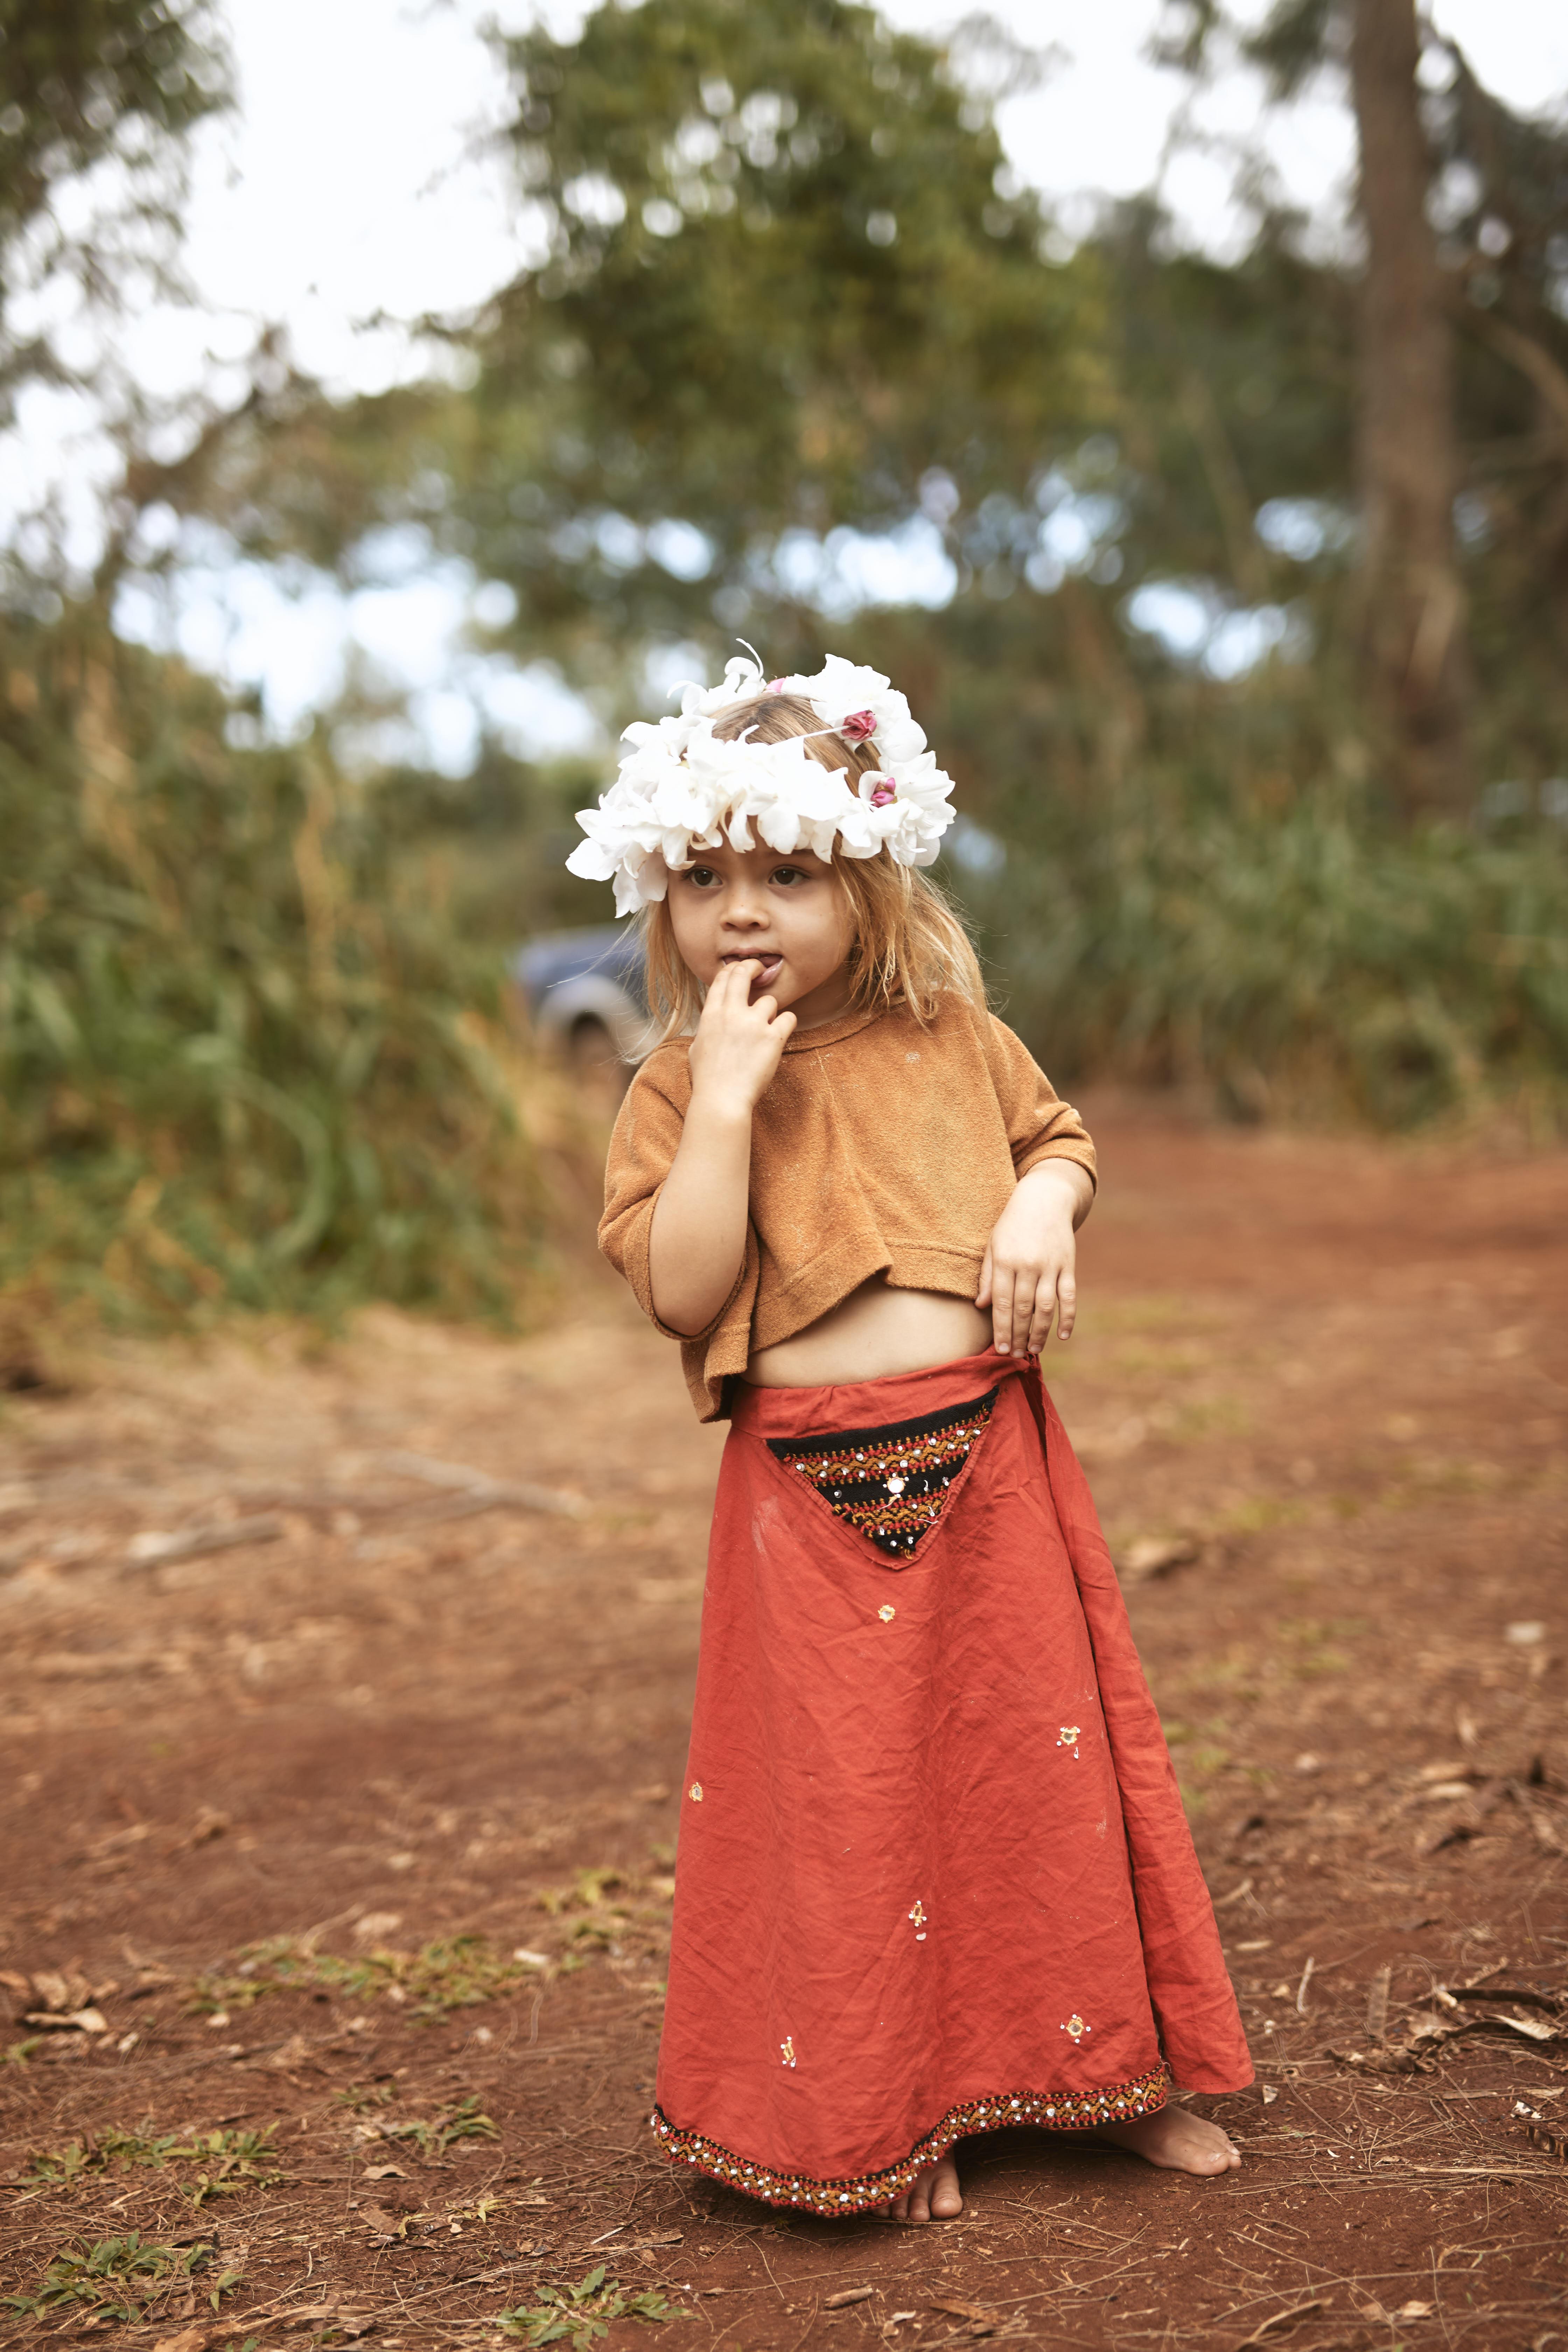 Fernweh_Lunar-Celebration-Nui-Nui-Tree_4786-1